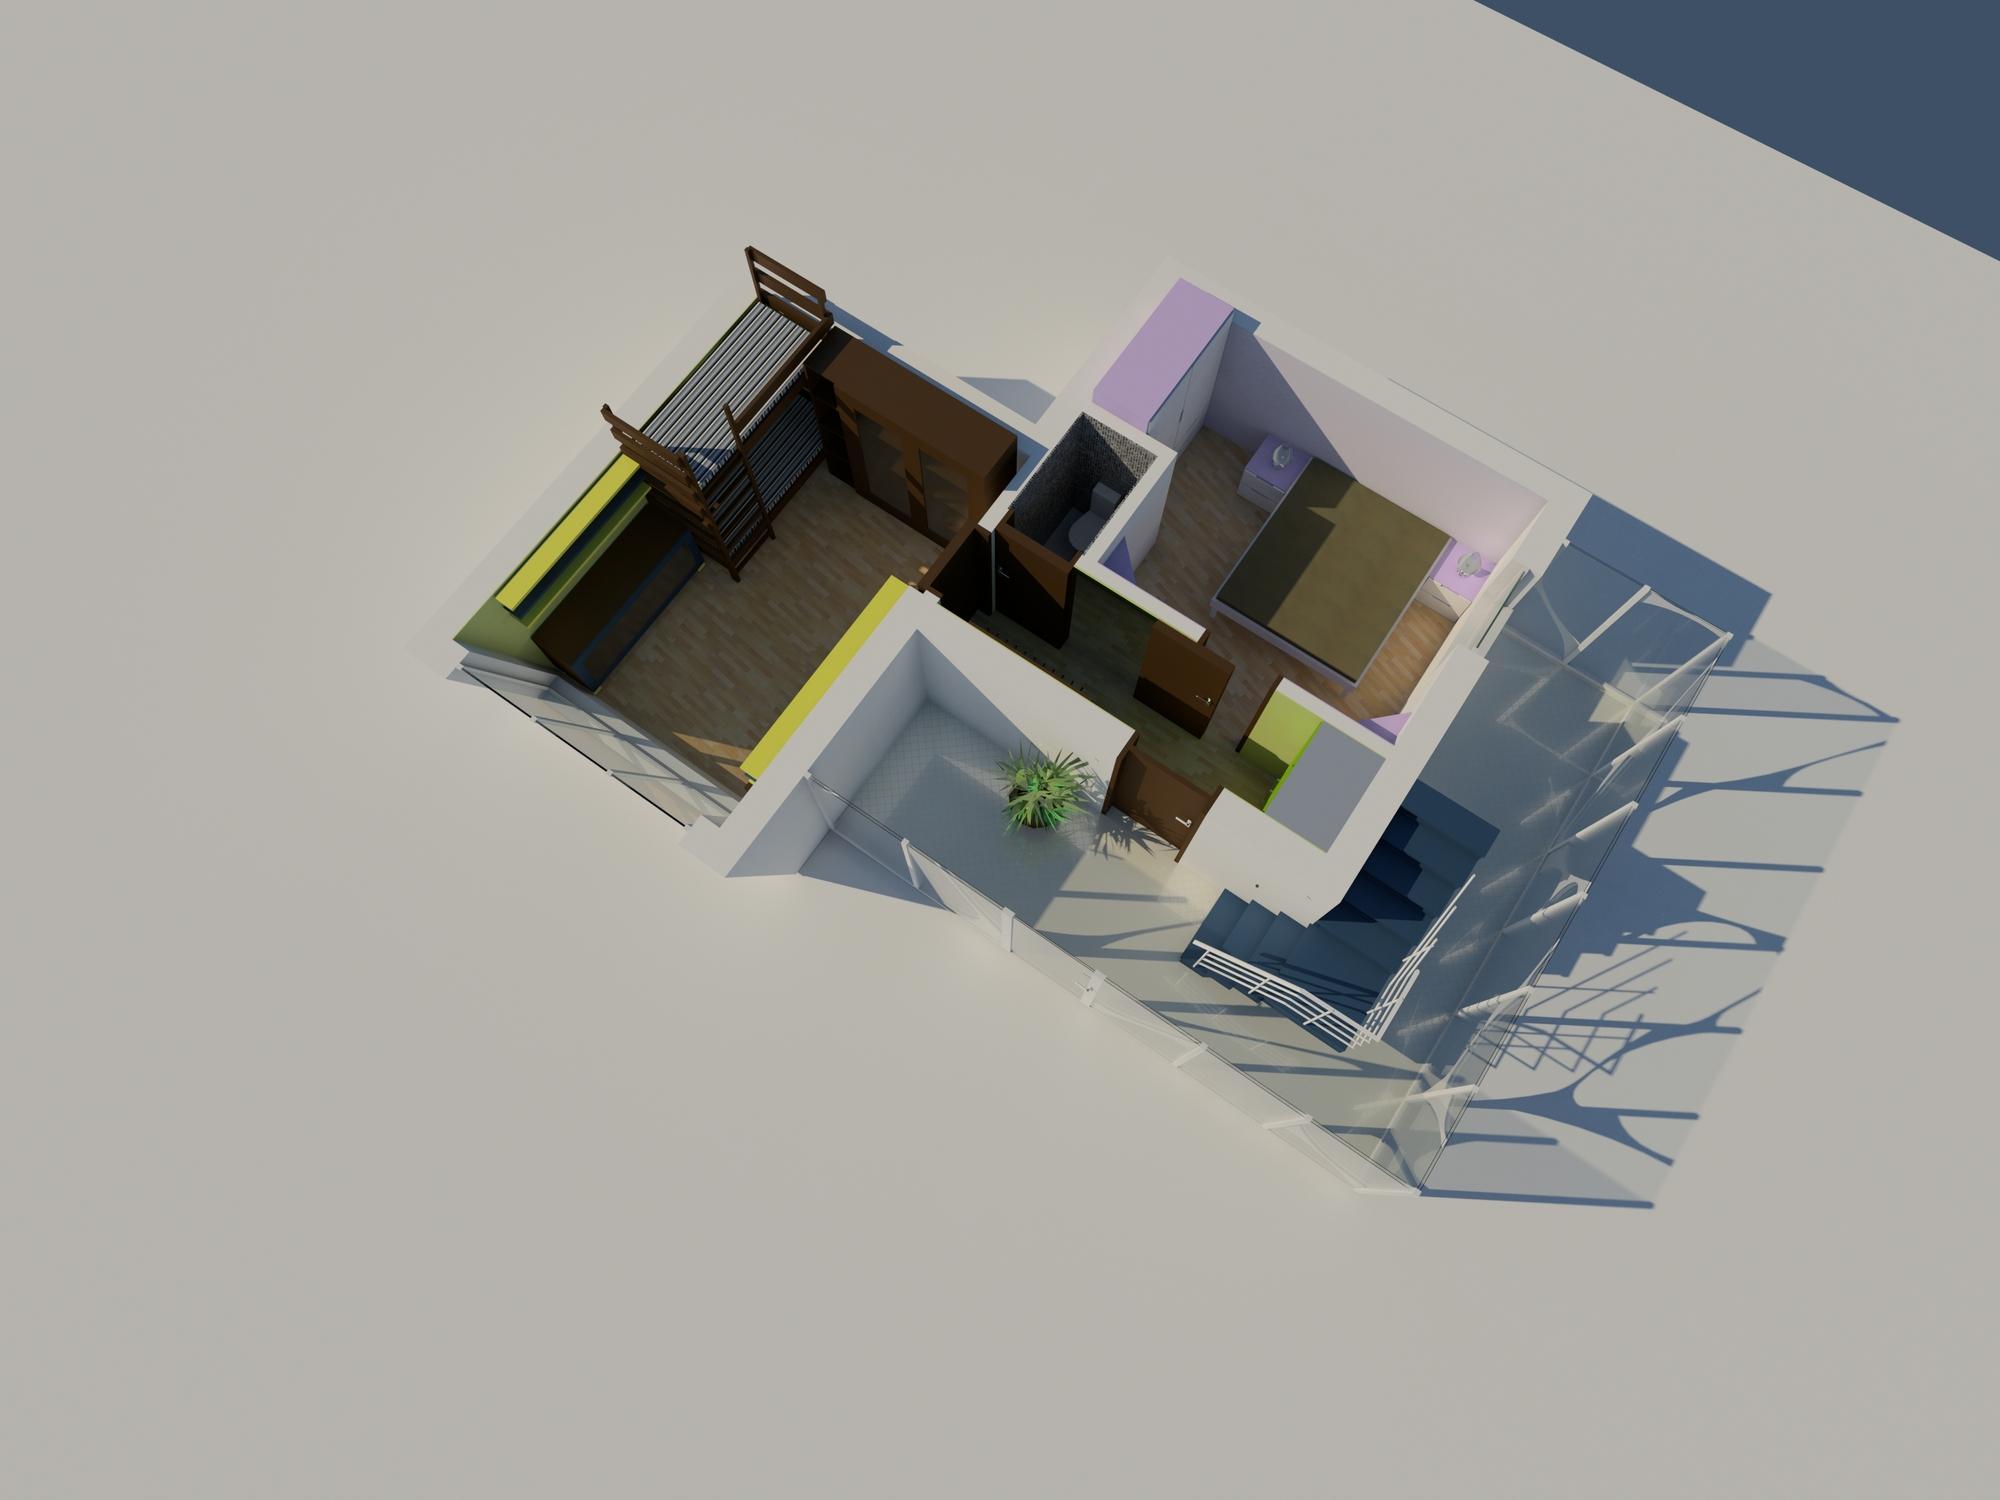 Raas-rendering20150109-19750-ofqpu7